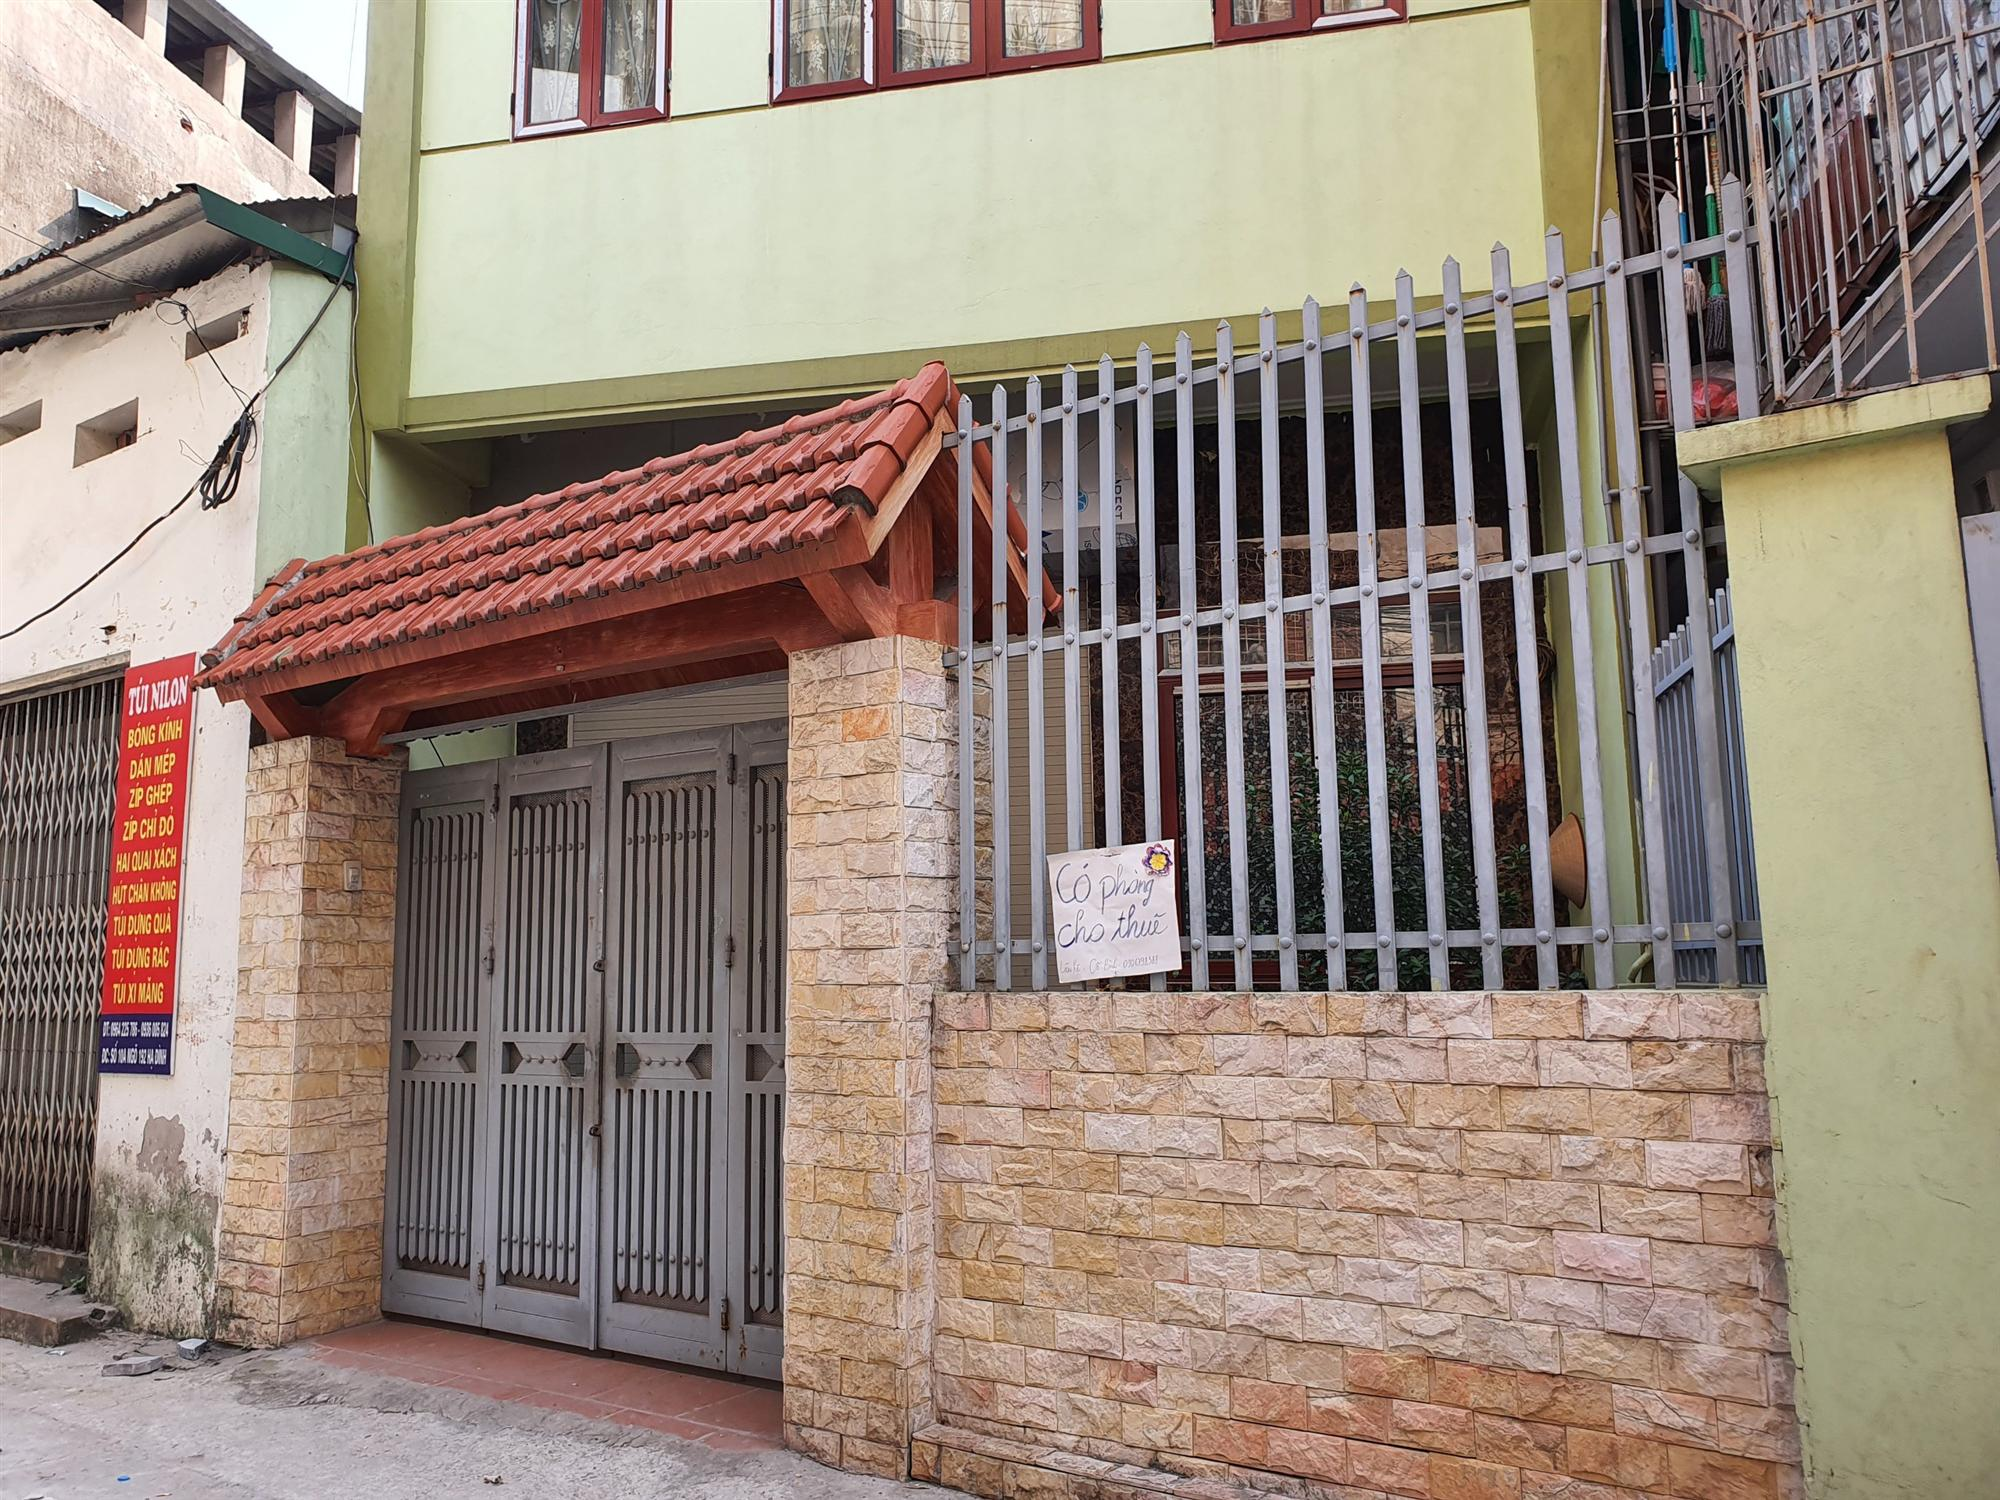 Hàng quán đóng cửa sang nhượng, dân quanh khu Rạng Đông thi nhau bán nhà-2